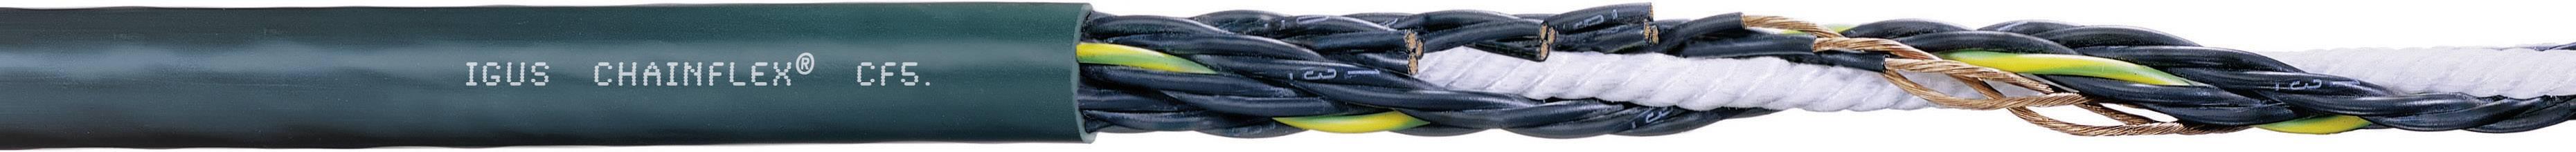 Řídicí kabelové vedení igus Chainflex® CF5.10.03, 3x 1 mm², Ø 6,5 mm, nestíněný, 1 m